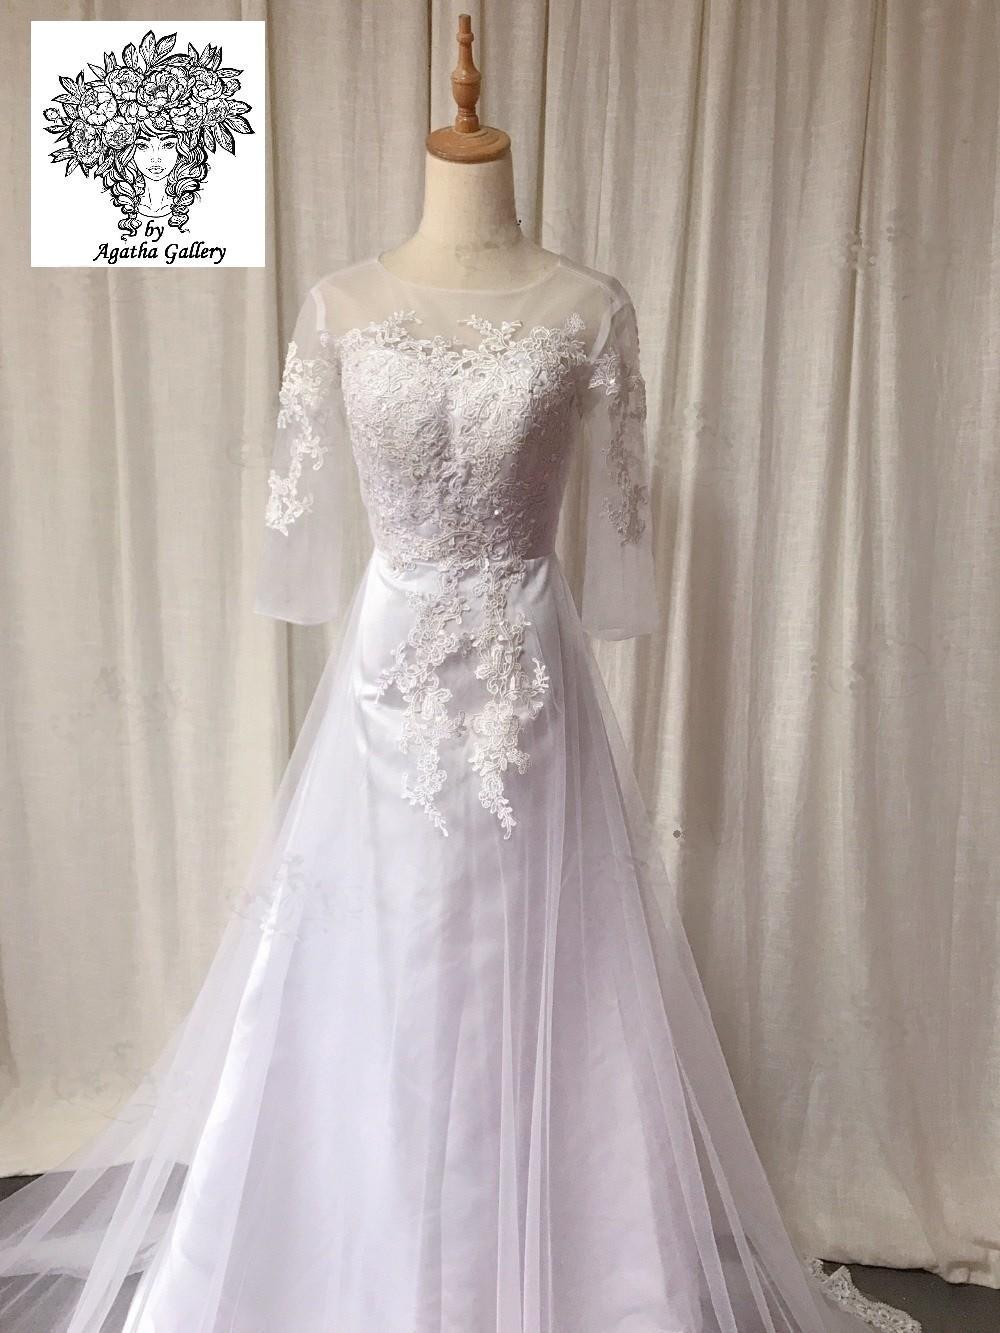 Svadobné šaty skladom - EU 34/36 - Obrázok č. 4